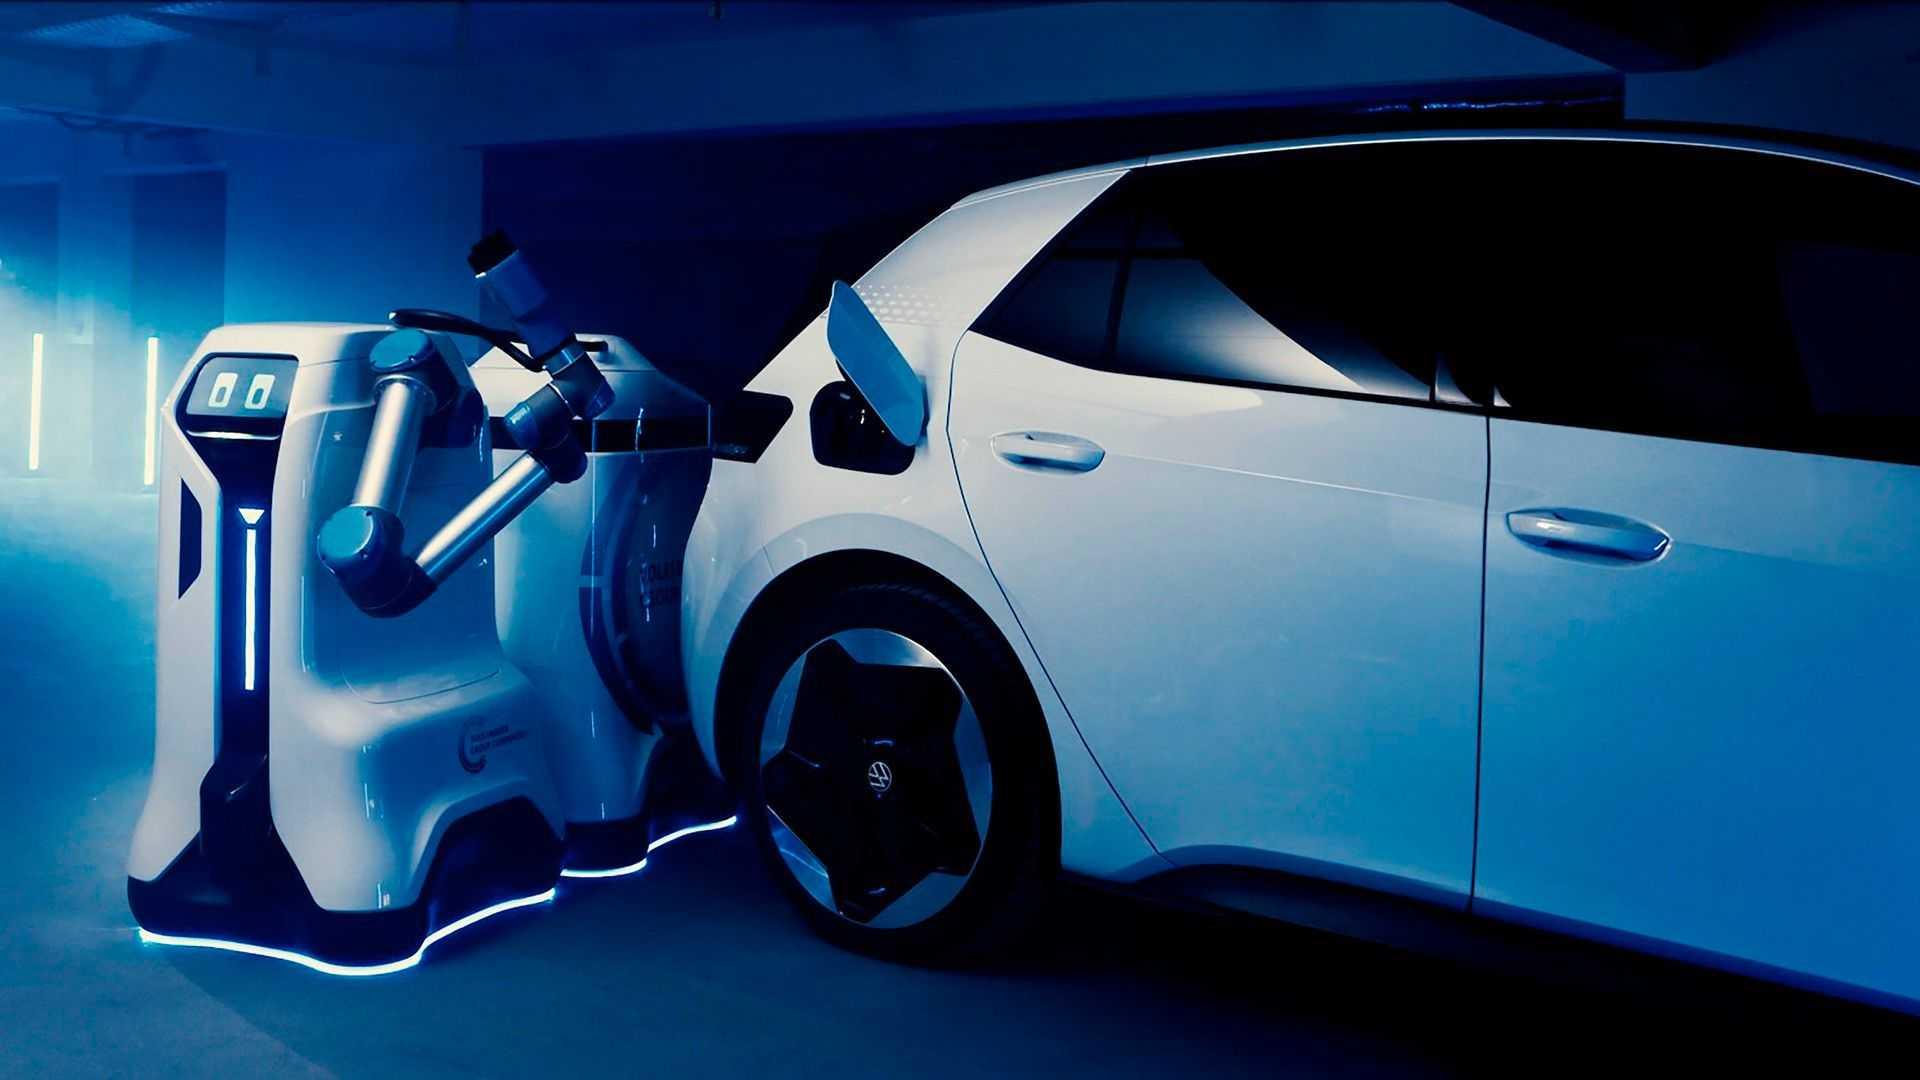 https://cdn.motor1.com/images/mgl/X1939/s6/robot-volkswagen-ricarica-auto-elettrica.jpg